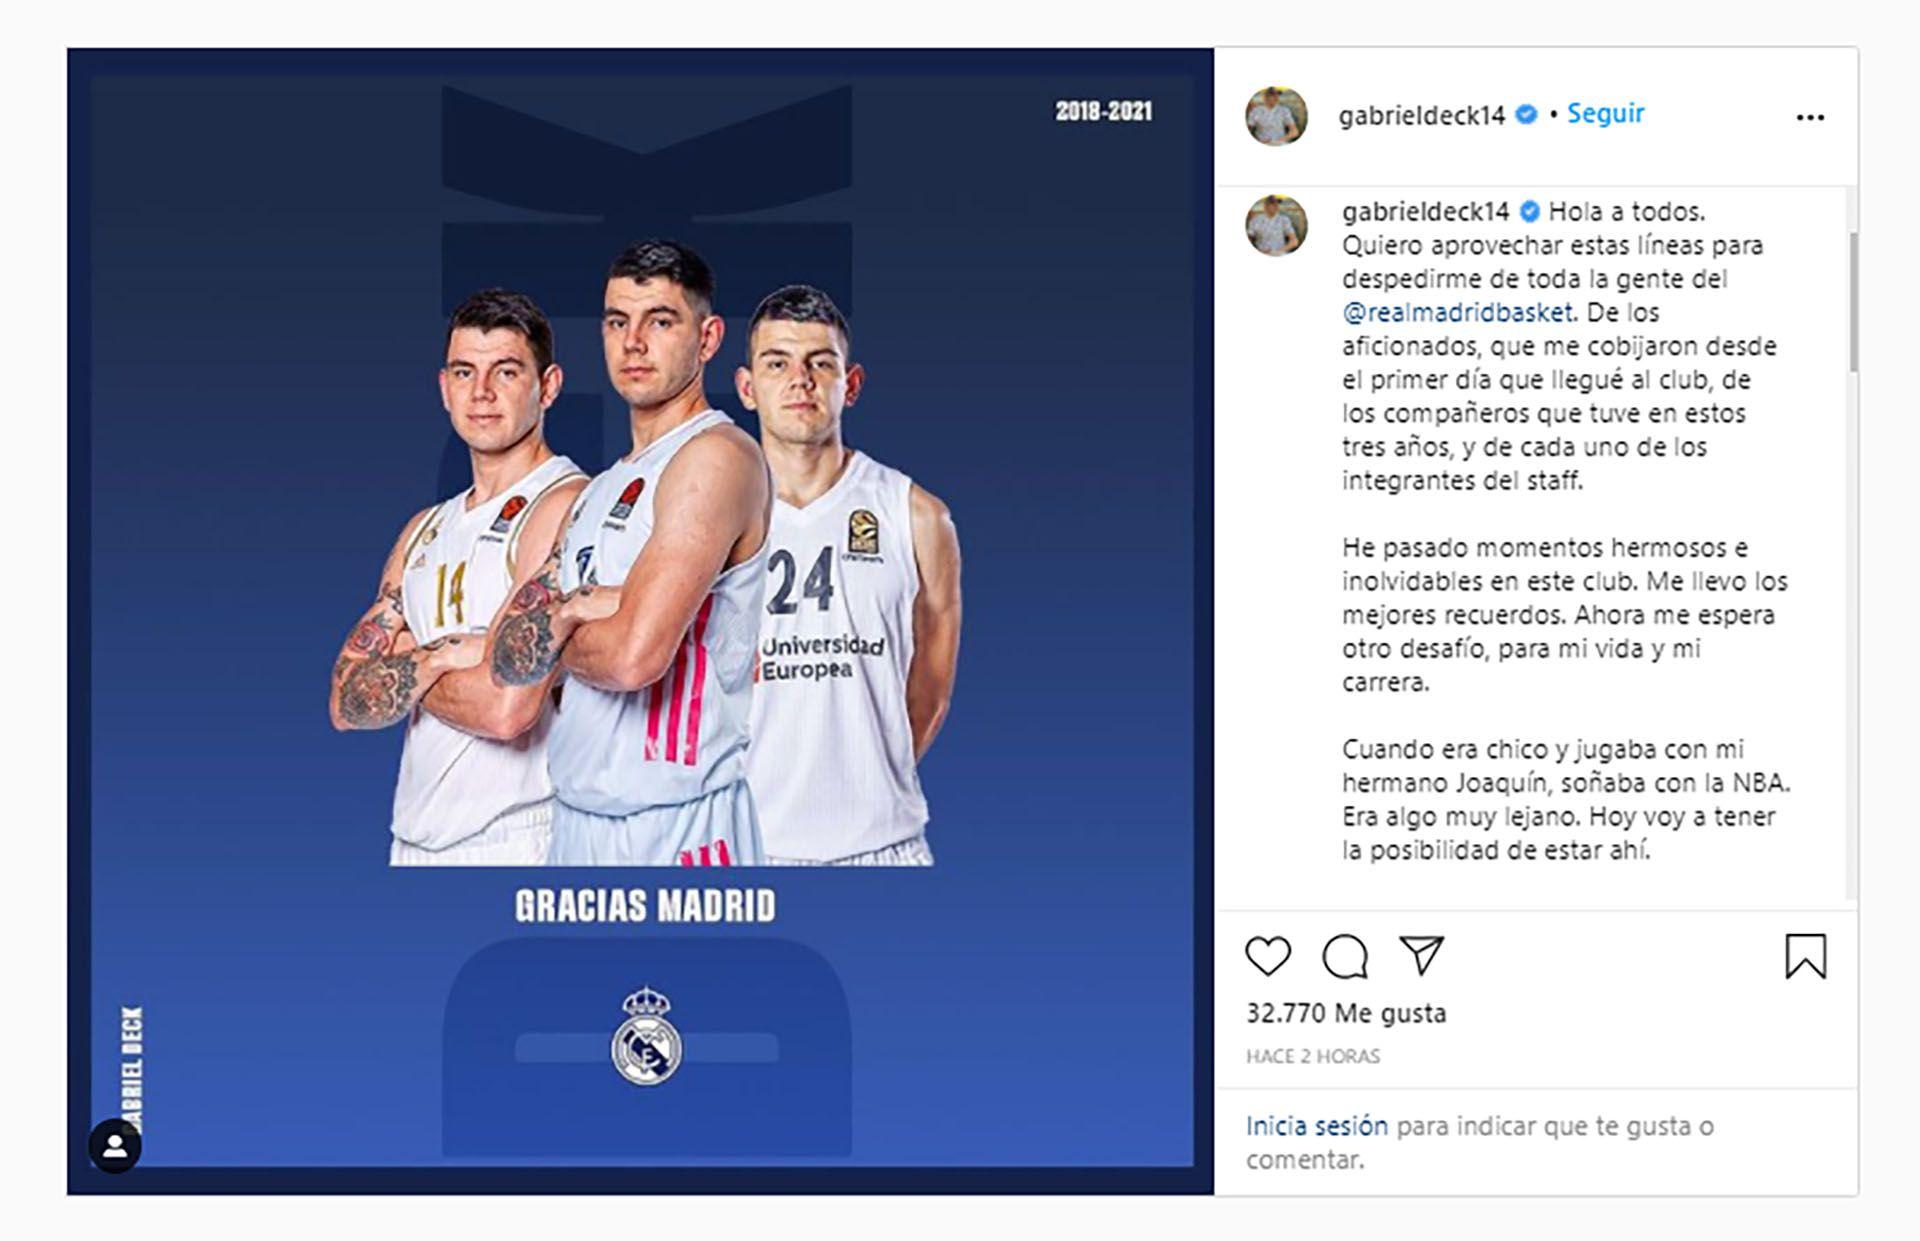 Publicación Gabriel Deck llegada a la NBA